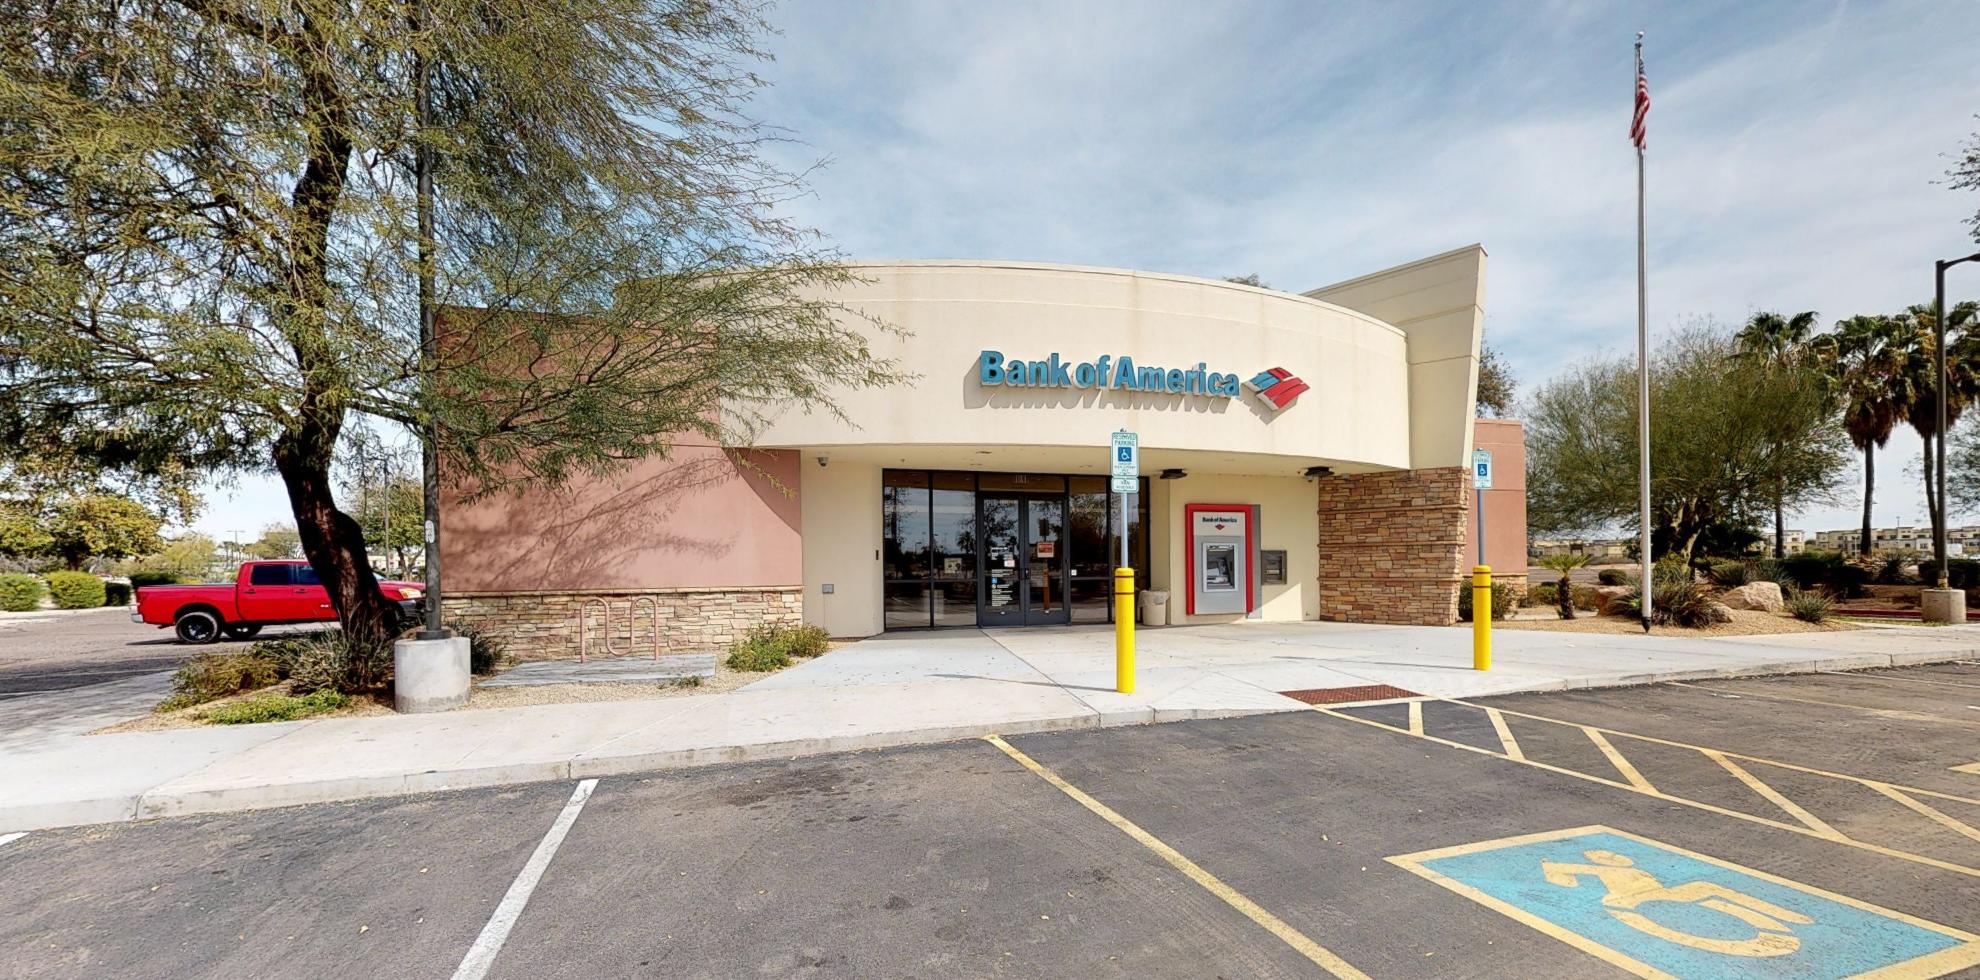 Bank of America financial center with drive-thru ATM   900 S Gilbert Rd, Gilbert, AZ 85296